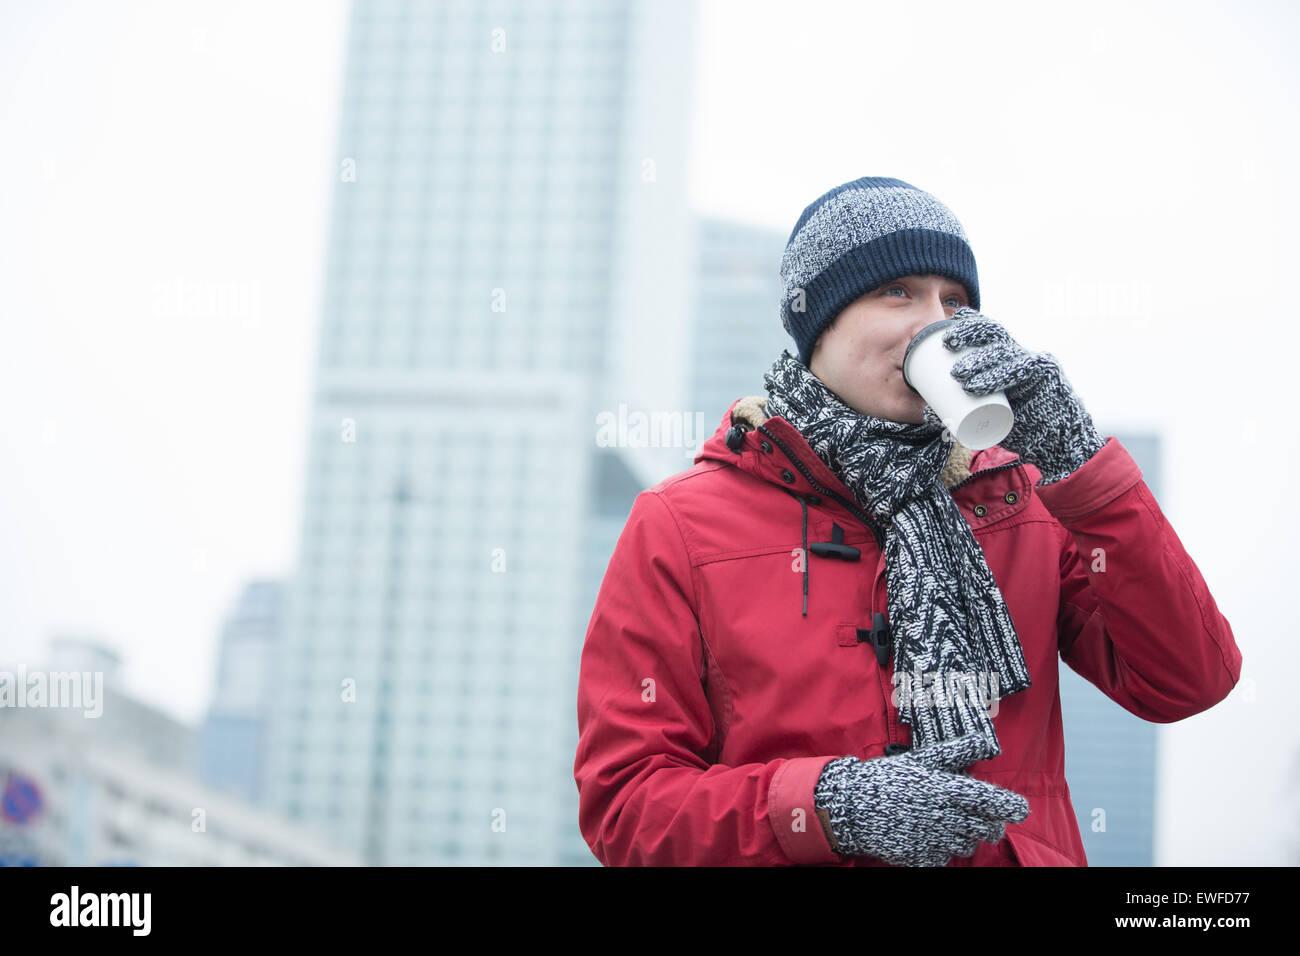 Mann in warme Kleidung trinken Kaffee im freien Stockbild